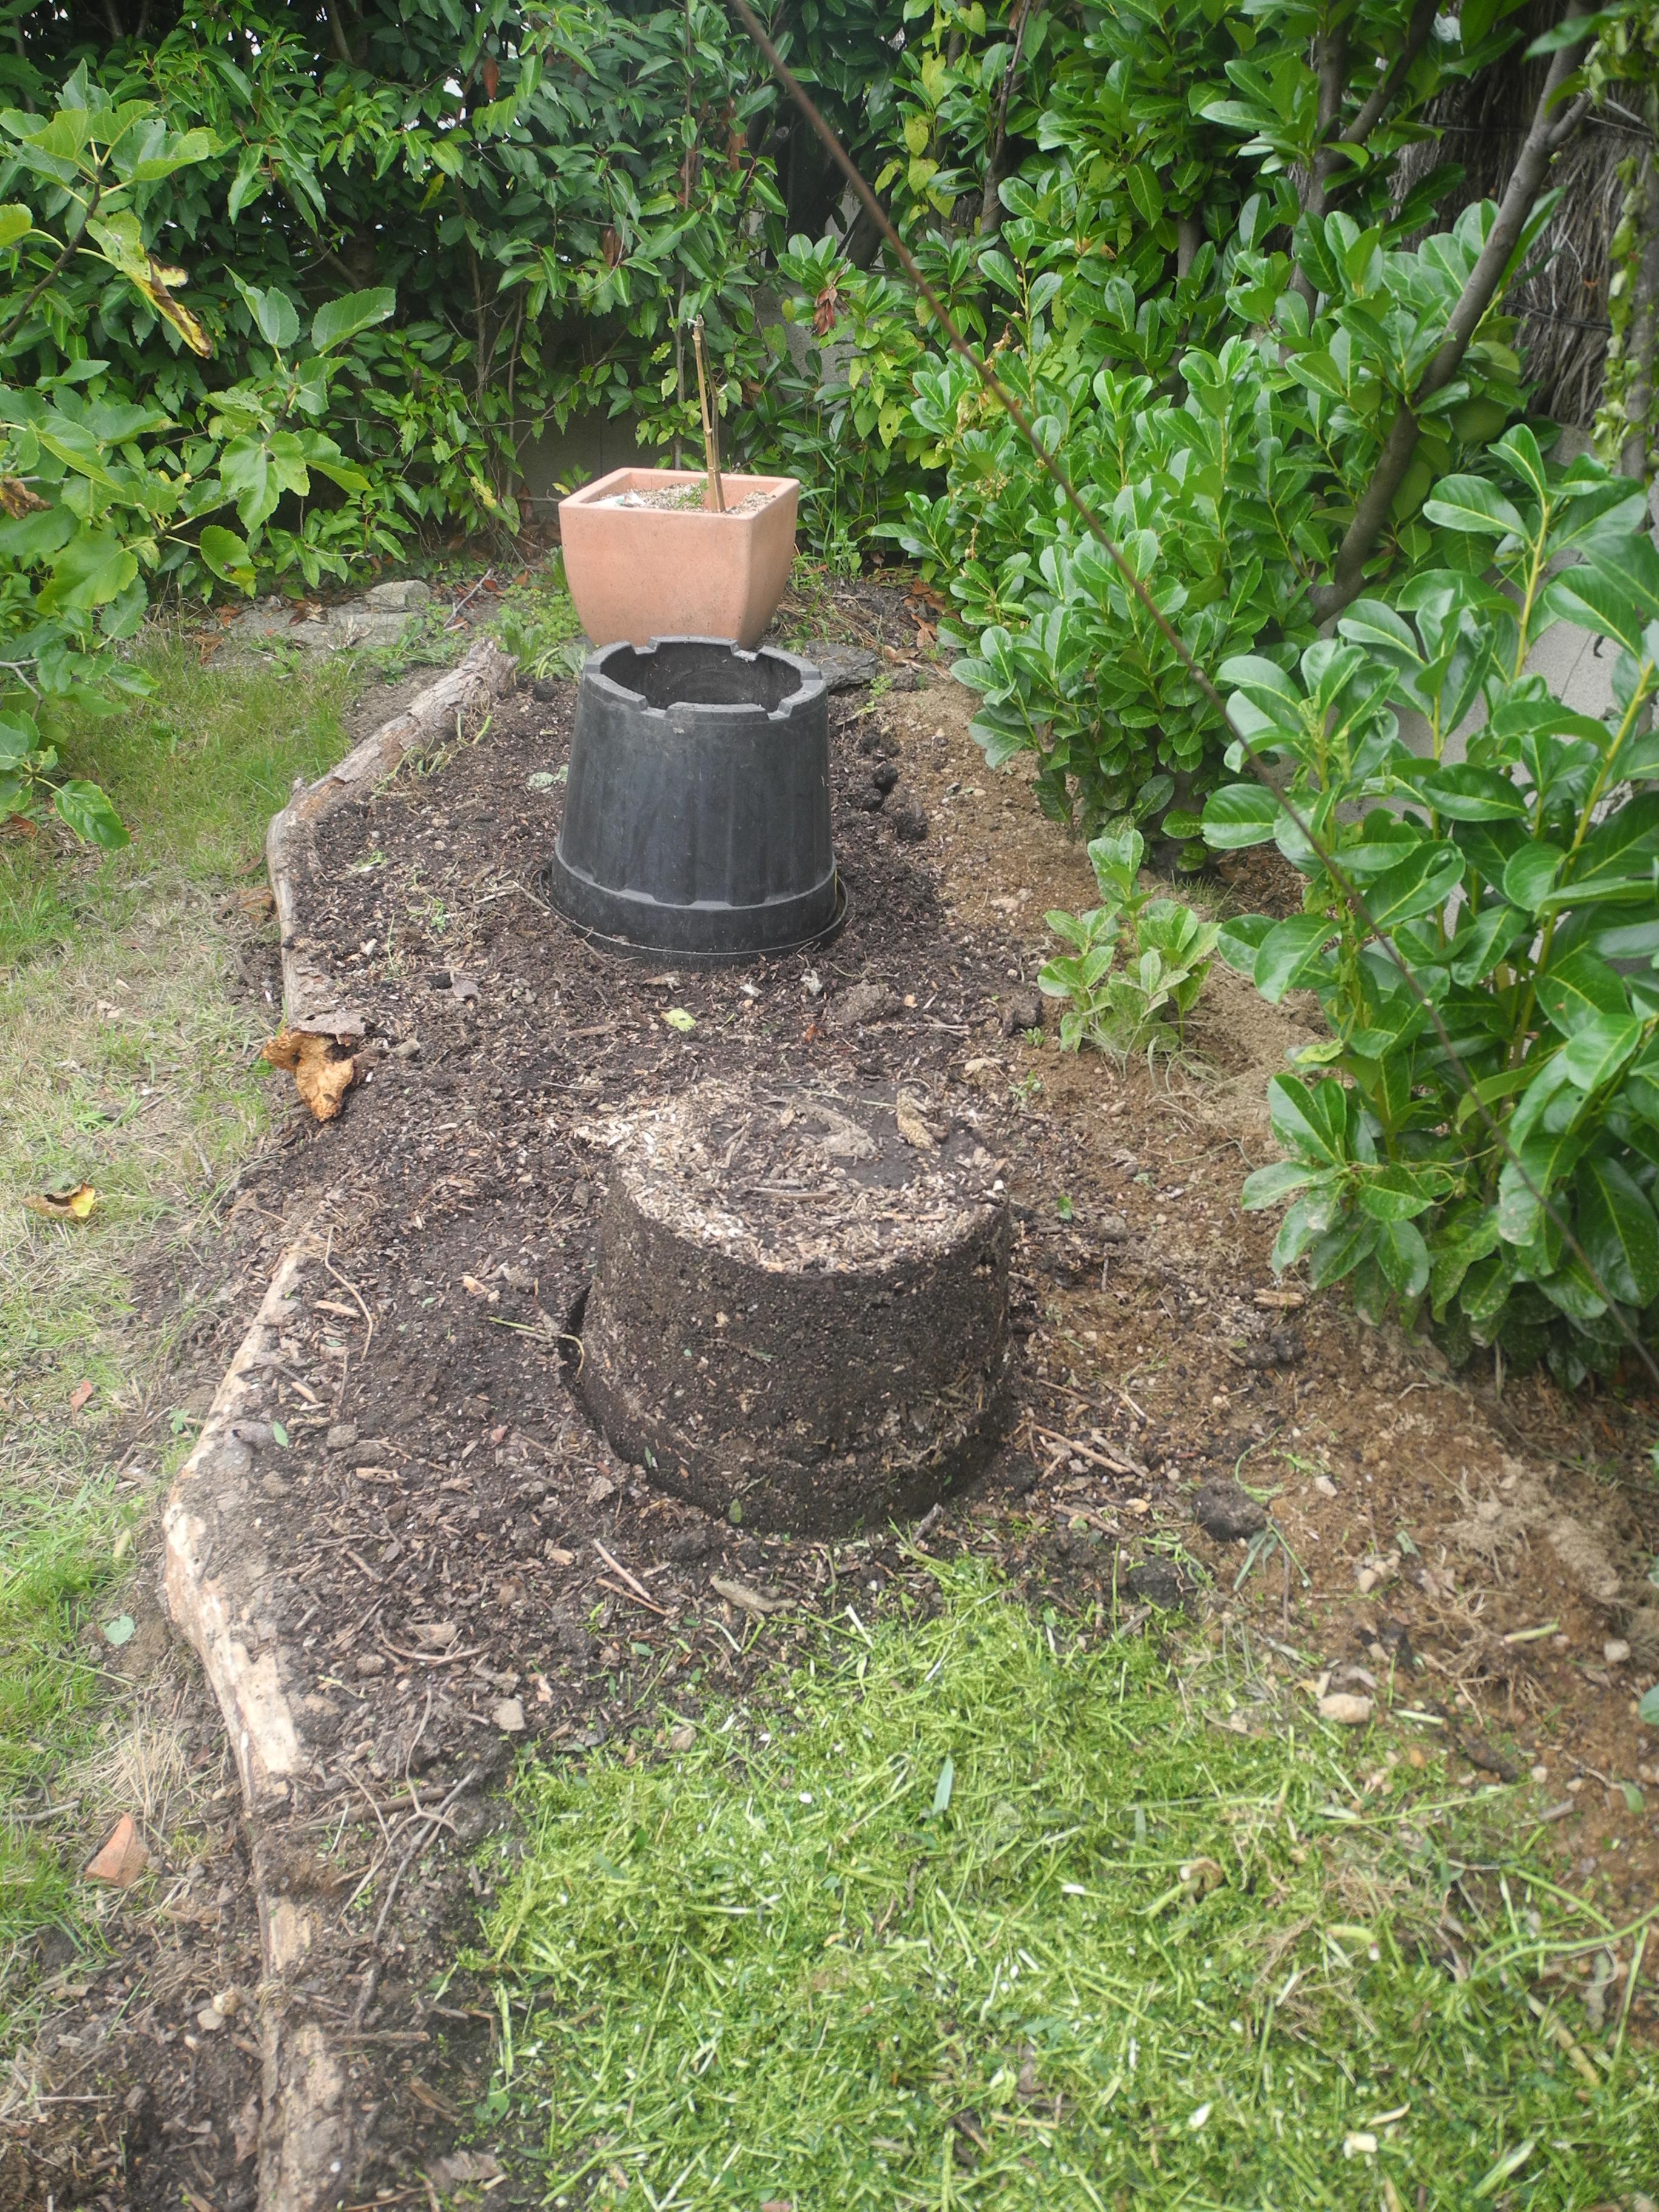 Comment Planter Un Arbre Fruitier planter des framboisiers - jardiner avec jean-paul